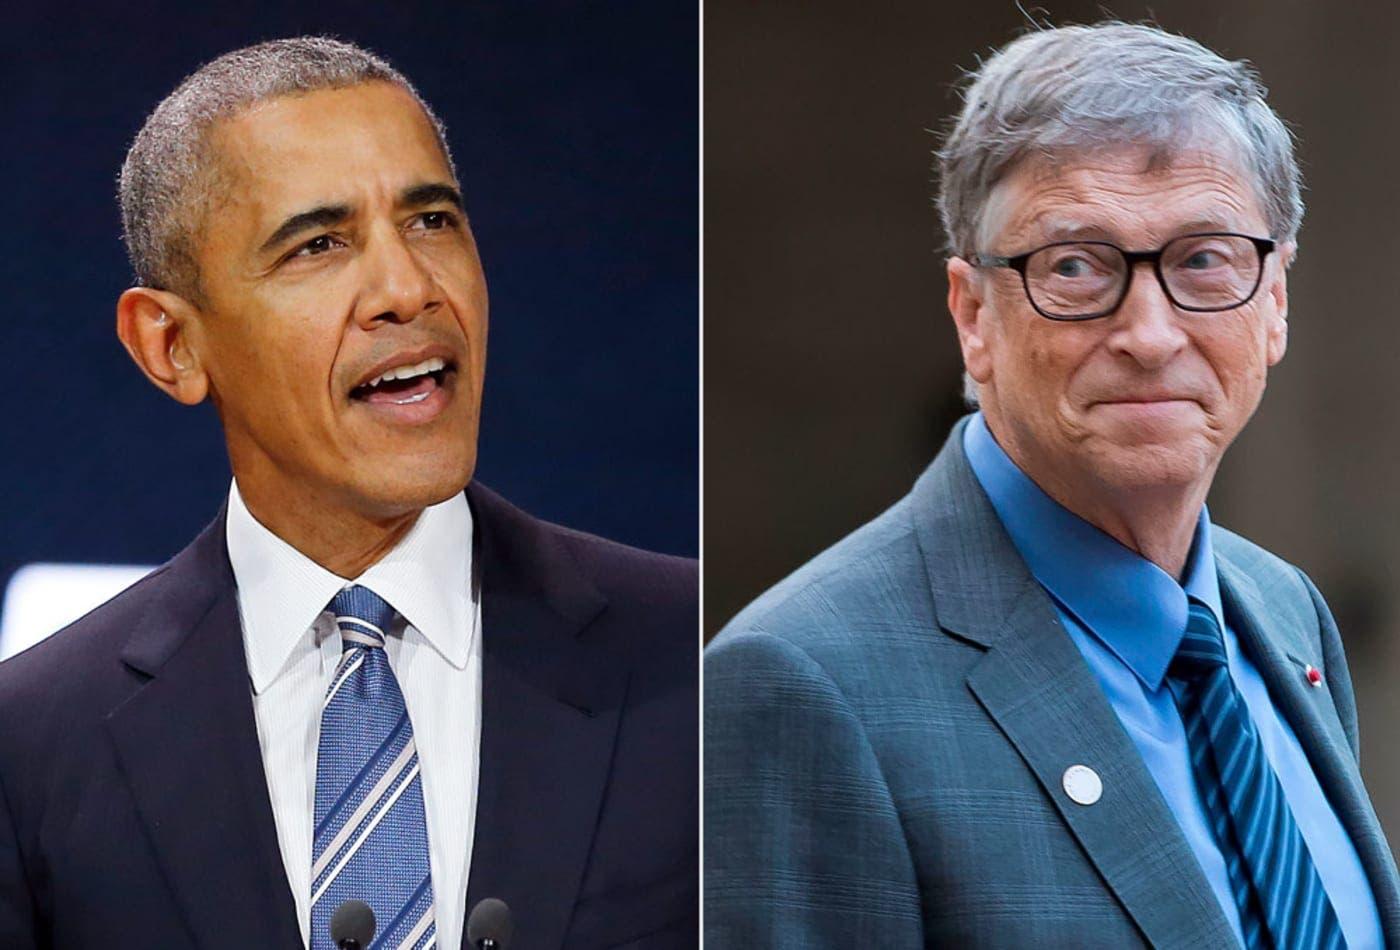 Cinwaanada Twitter ee dad ay ku jiraan Obama, Biden iyo Bill Gates oo la jabsaday